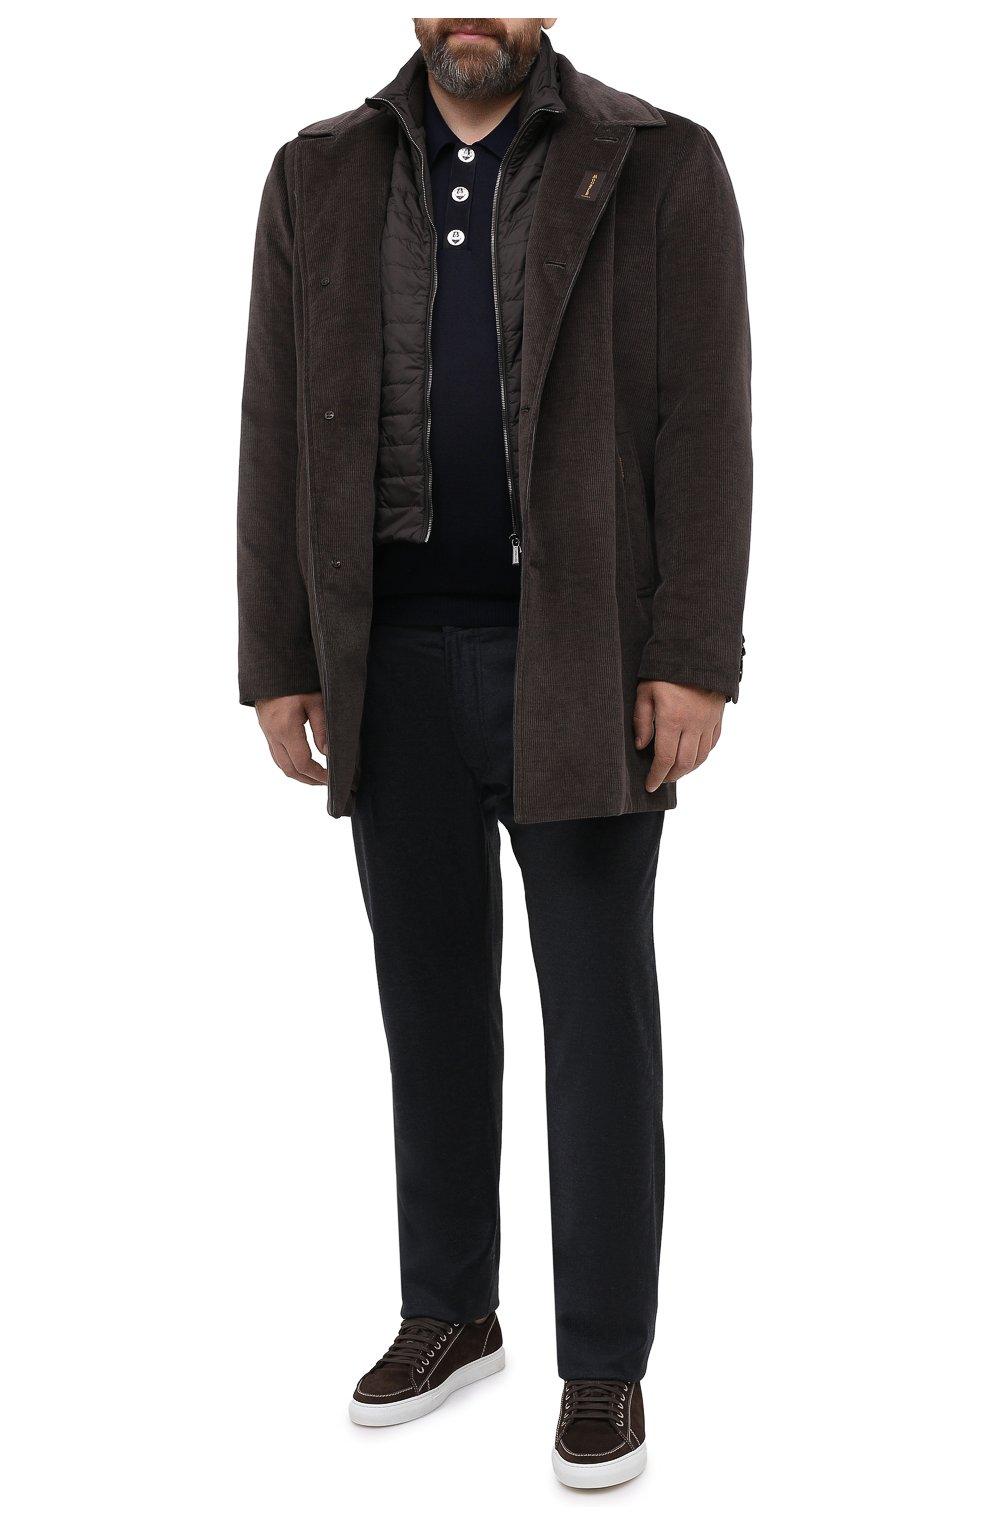 Мужской утепленное пальто из хлопка и шерсти MOORER темно-коричневого цвета, арт. M0NFERRAT0-LUS/A20M910LUSC   Фото 2 (Кросс-КТ: Куртка; Big sizes: Big Sizes; Рукава: Длинные; Материал внешний: Хлопок; Мужское Кросс-КТ: Куртка-верхняя одежда, Верхняя одежда, пальто-верхняя одежда; Материал подклада: Синтетический материал; Стили: Кэжуэл)